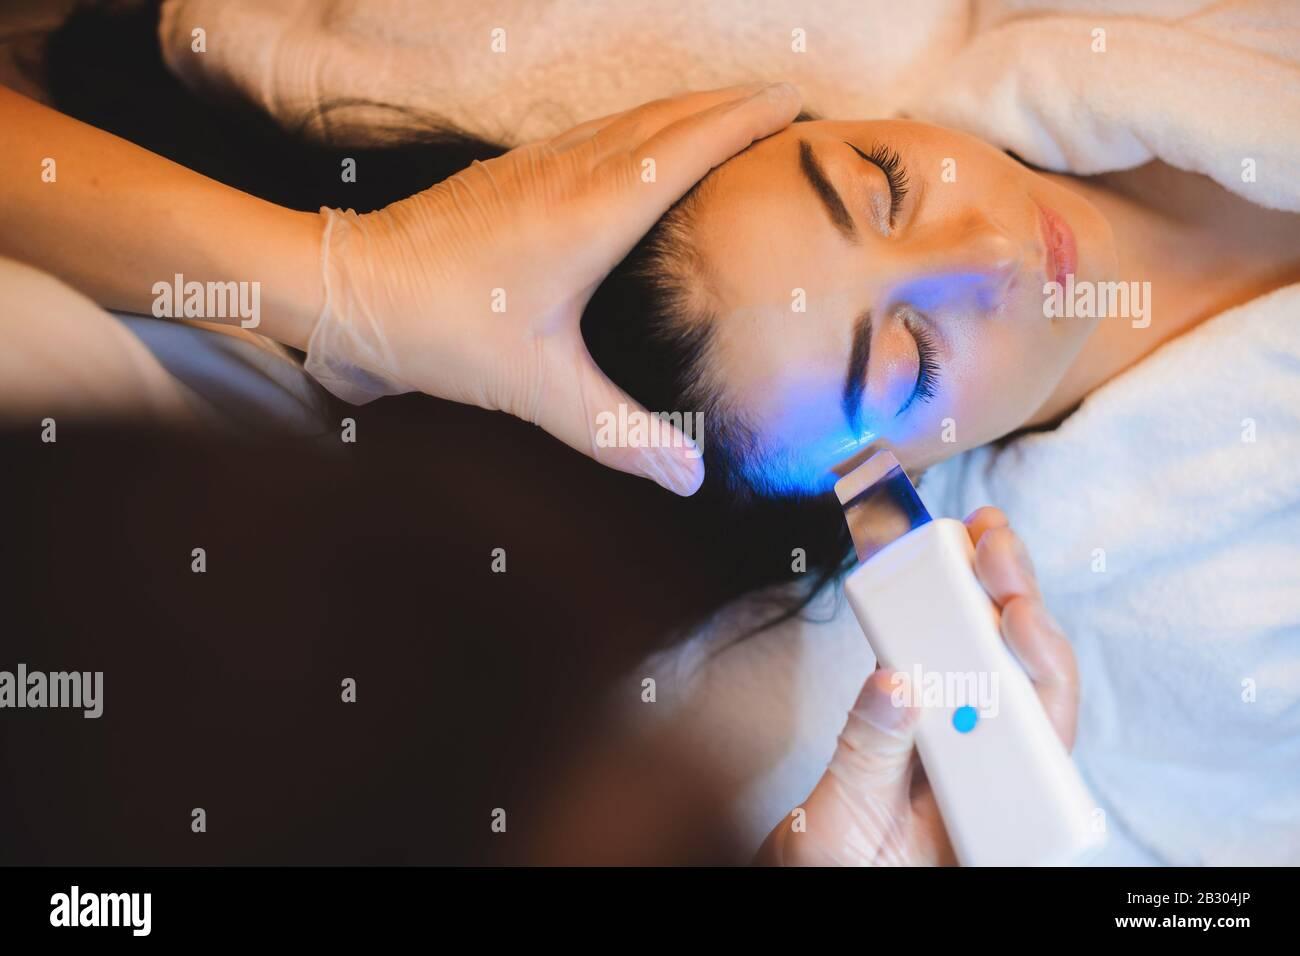 Un dermatólogo cuidadoso está teniendo una sesión de láser con una señora caucásica morena Foto de stock